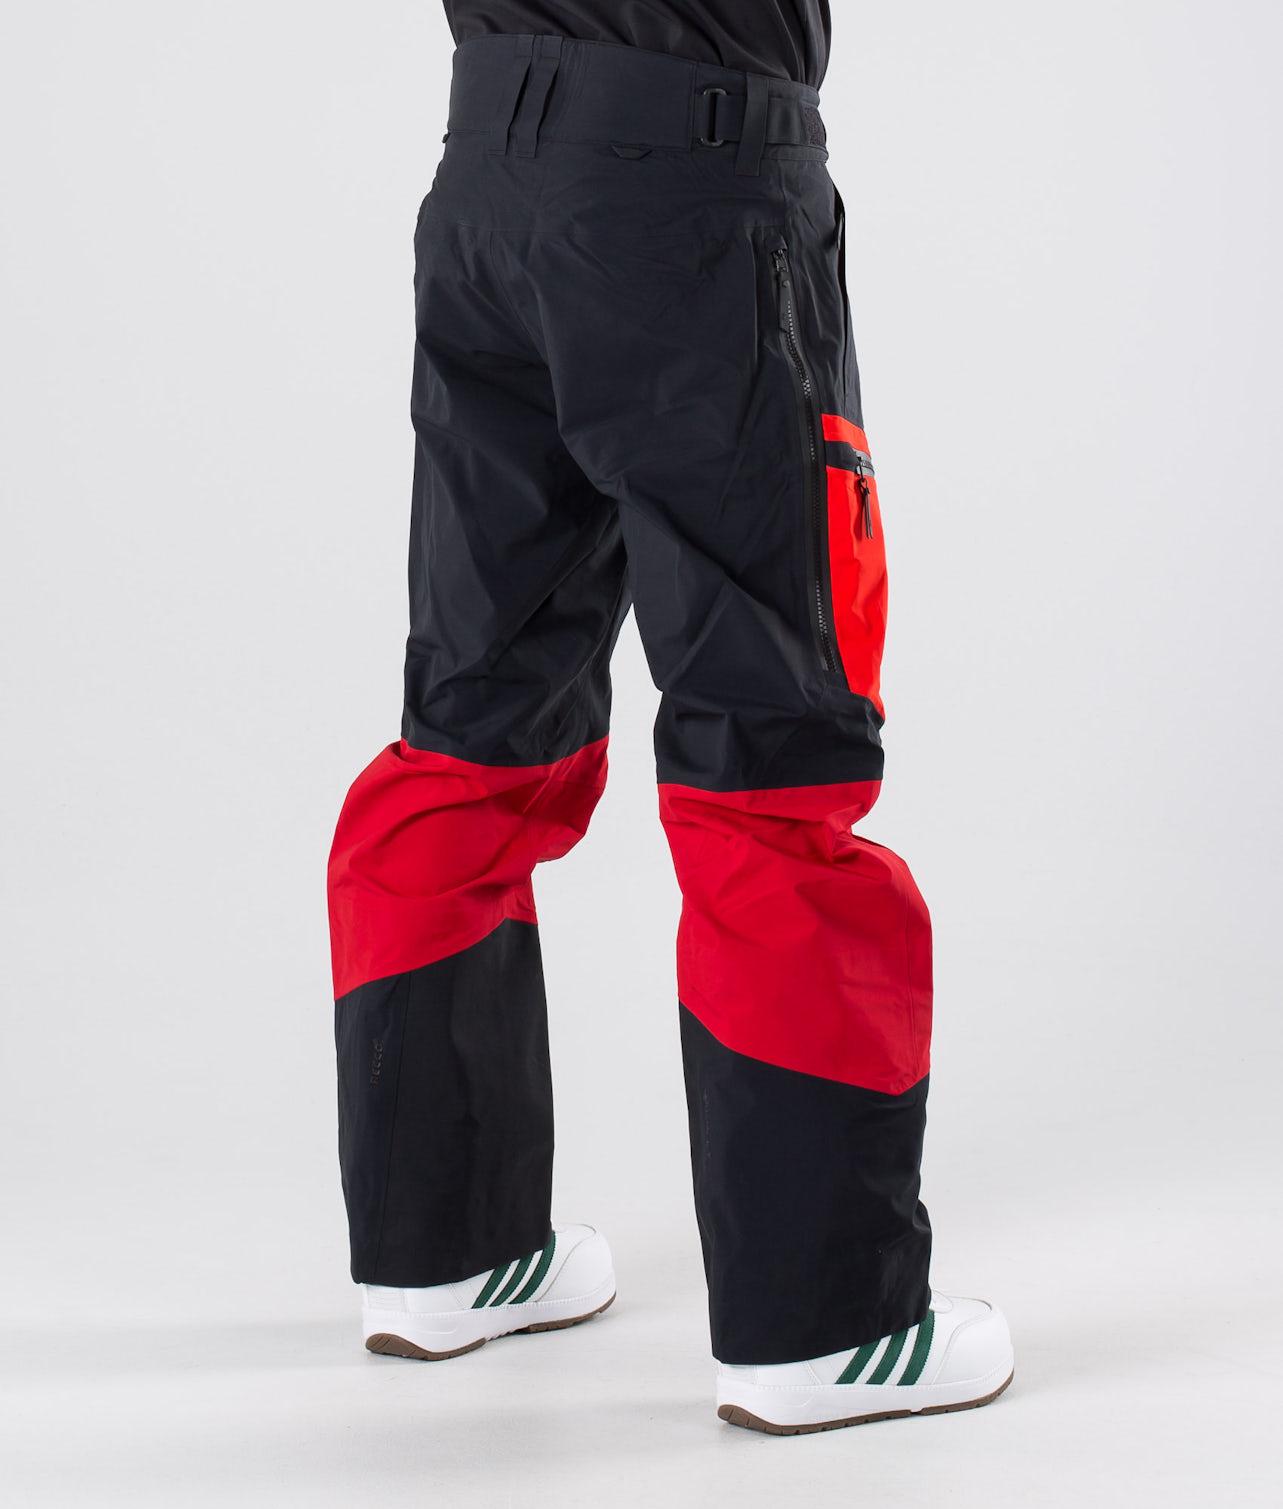 Kjøp Gravity Snowboardbukse fra Peak Performance på Ridestore.no - Hos oss har du alltid fri frakt, fri retur og 30 dagers åpent kjøp!